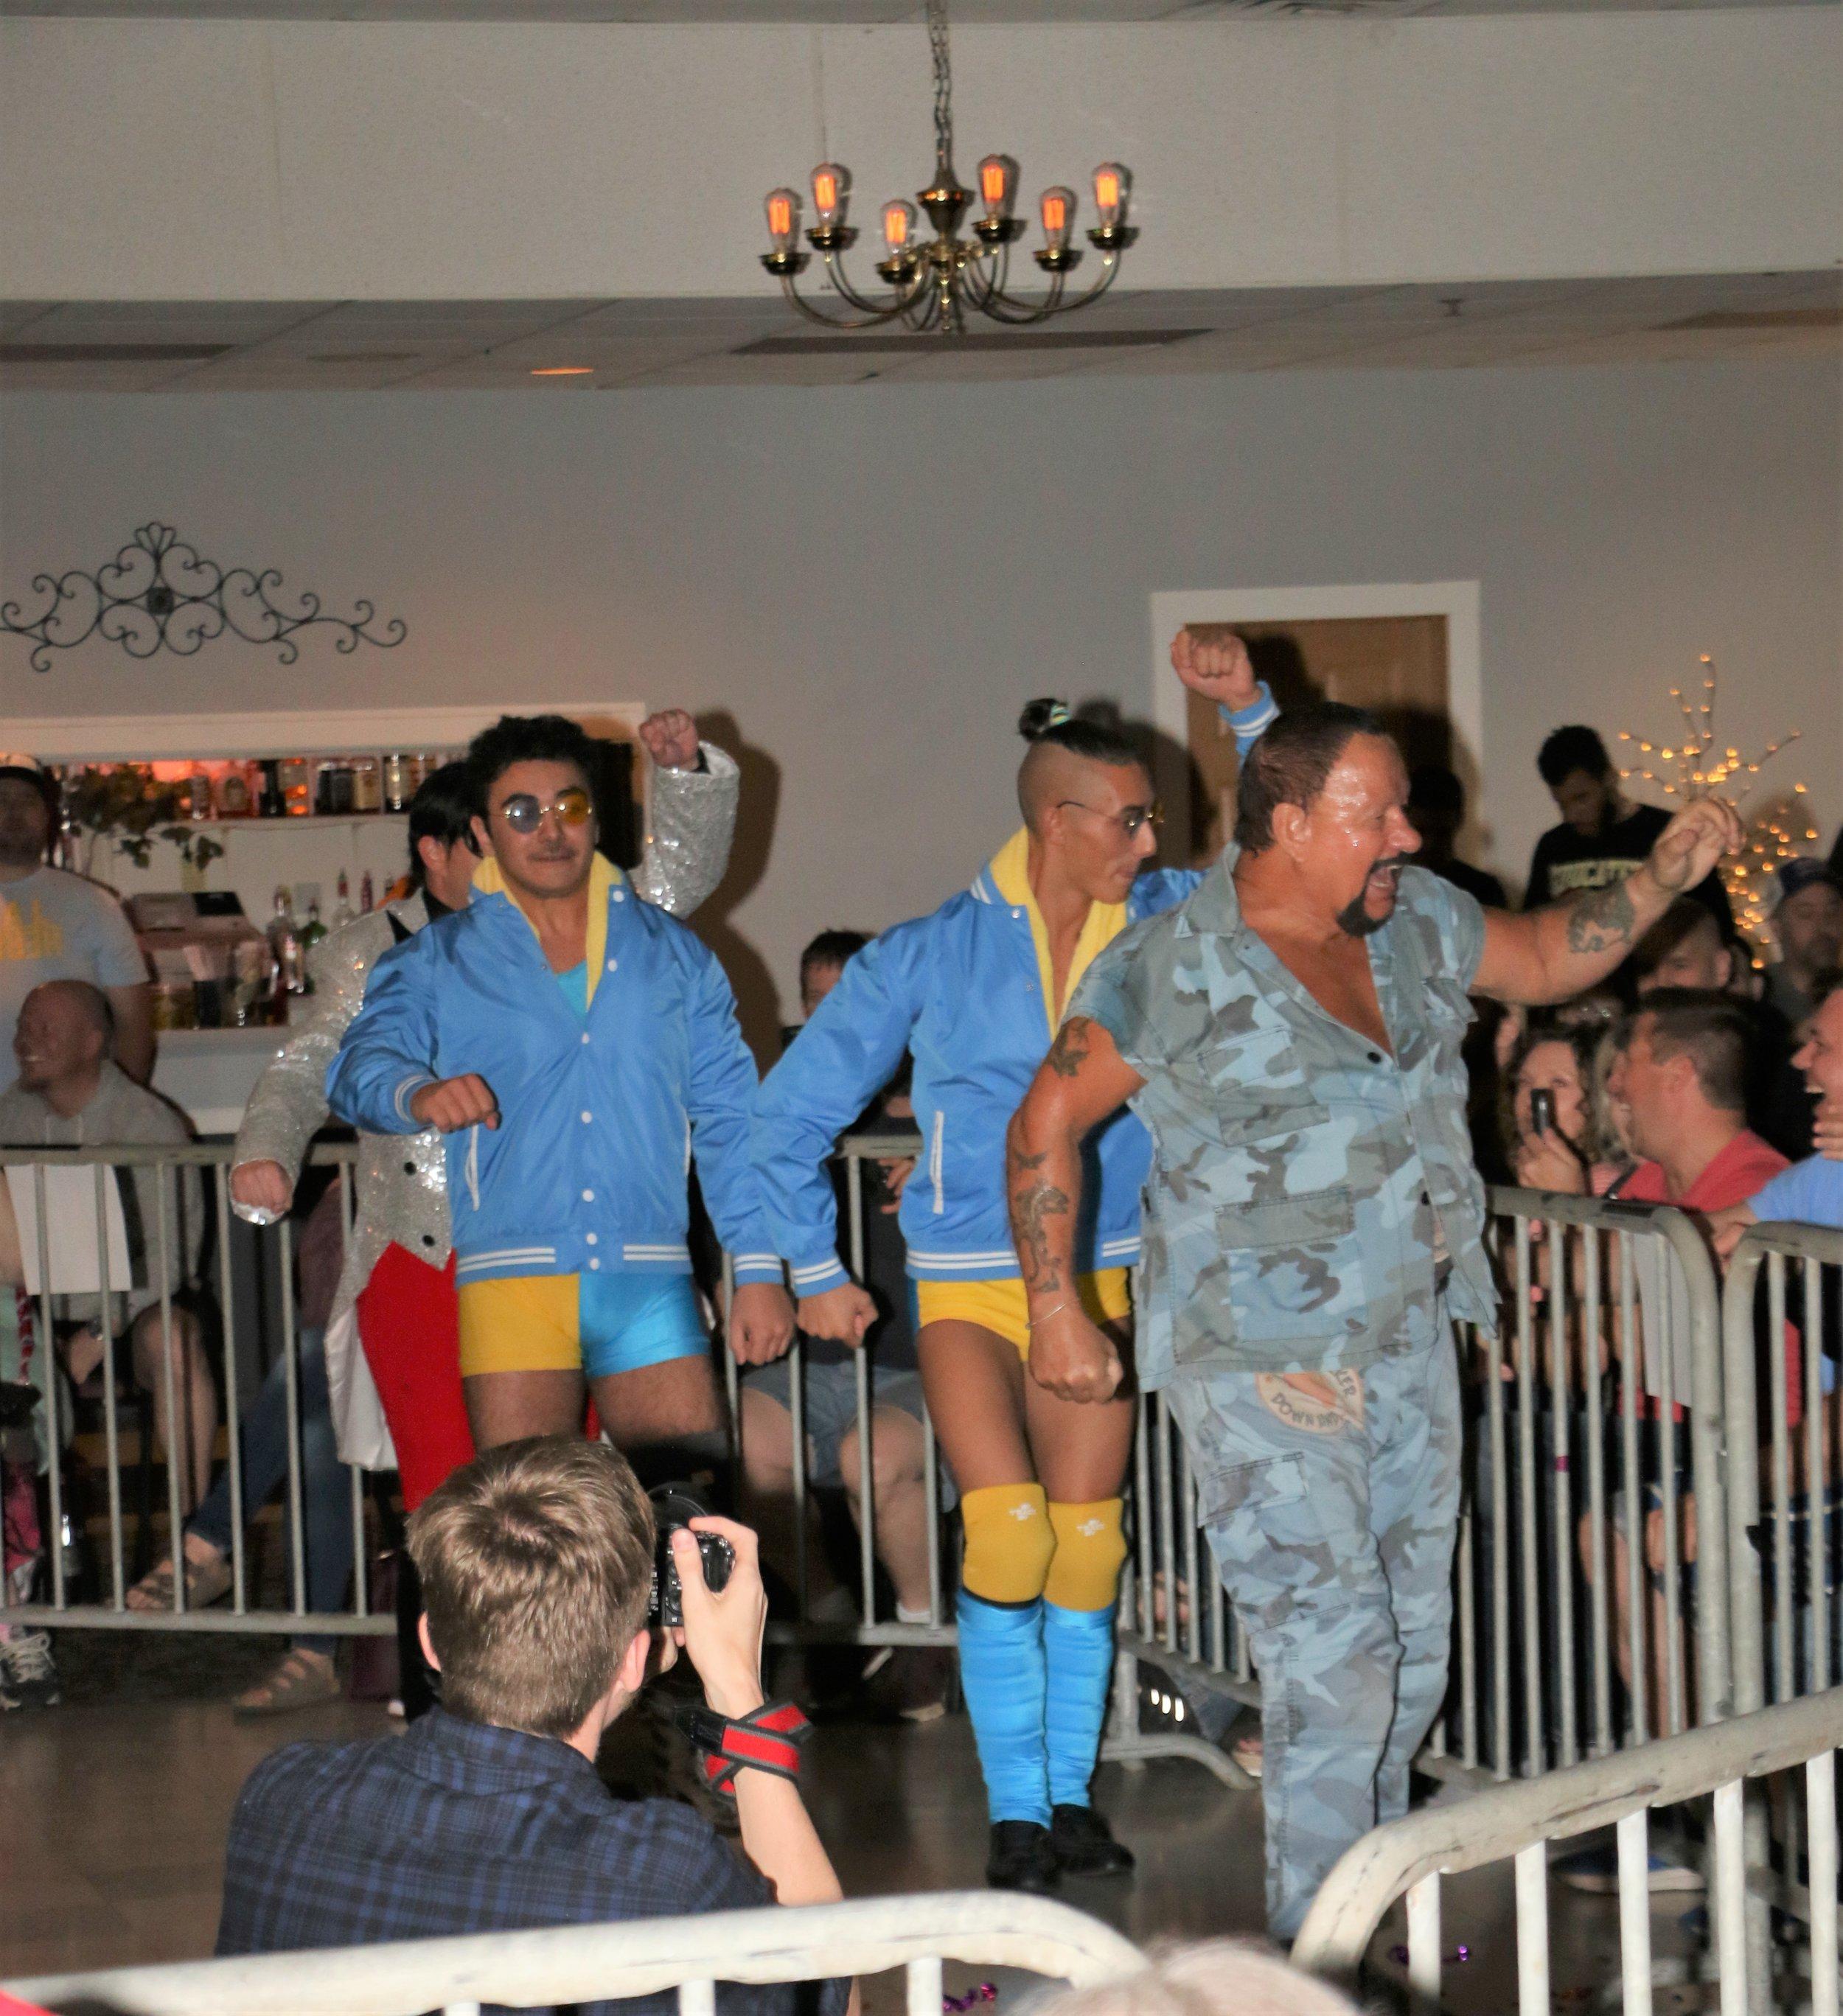 Bushwhacker Luke, from right, Jordan Kross and Kal Herro do the Bushwhacker walk around the ring.